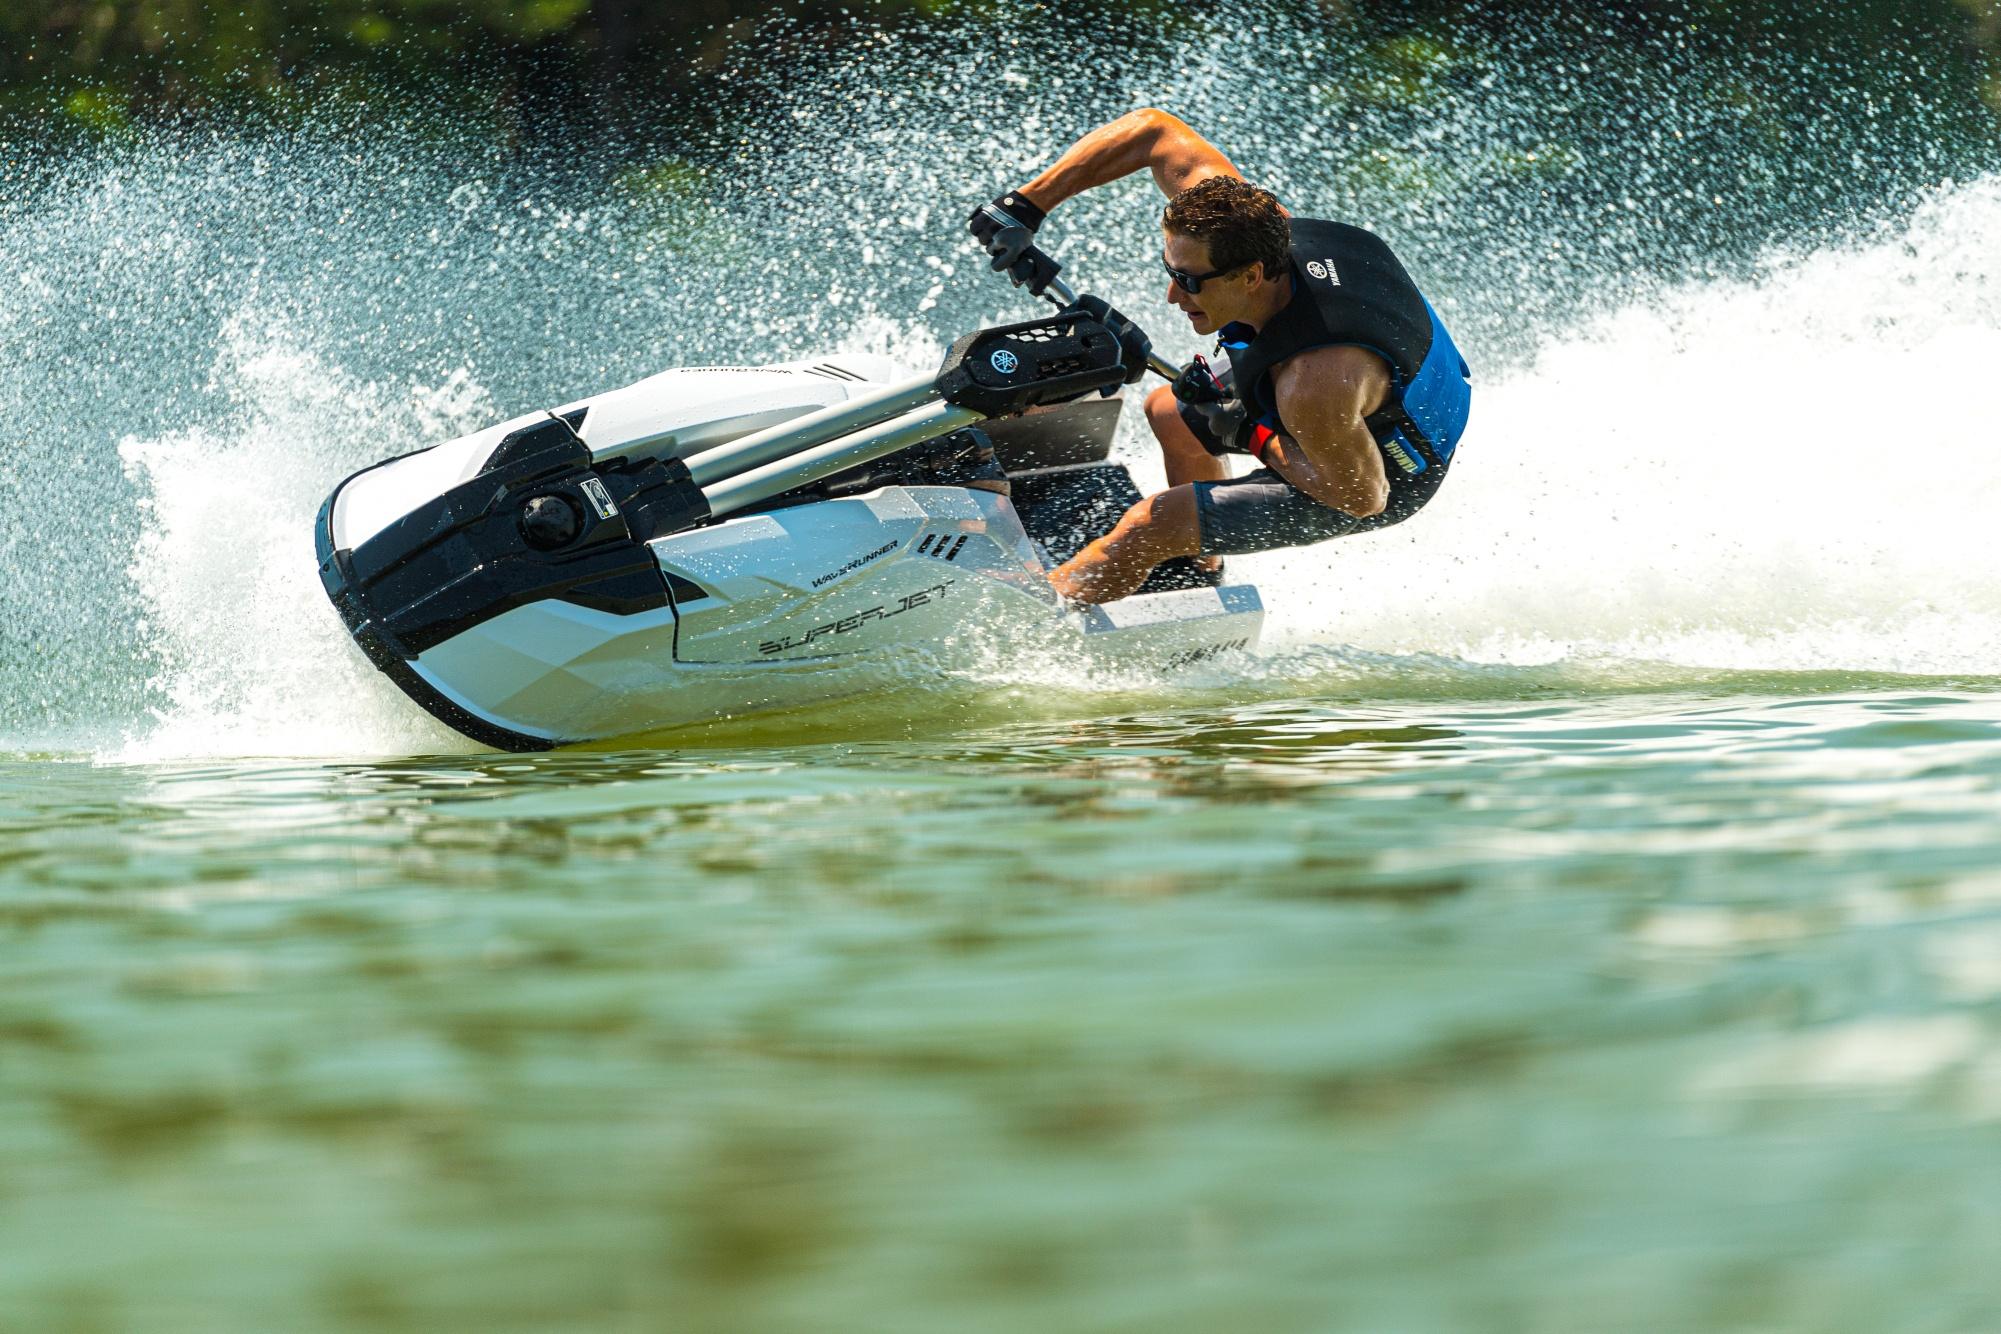 Yamaha superjet - 2021_Superjet_Action_00780